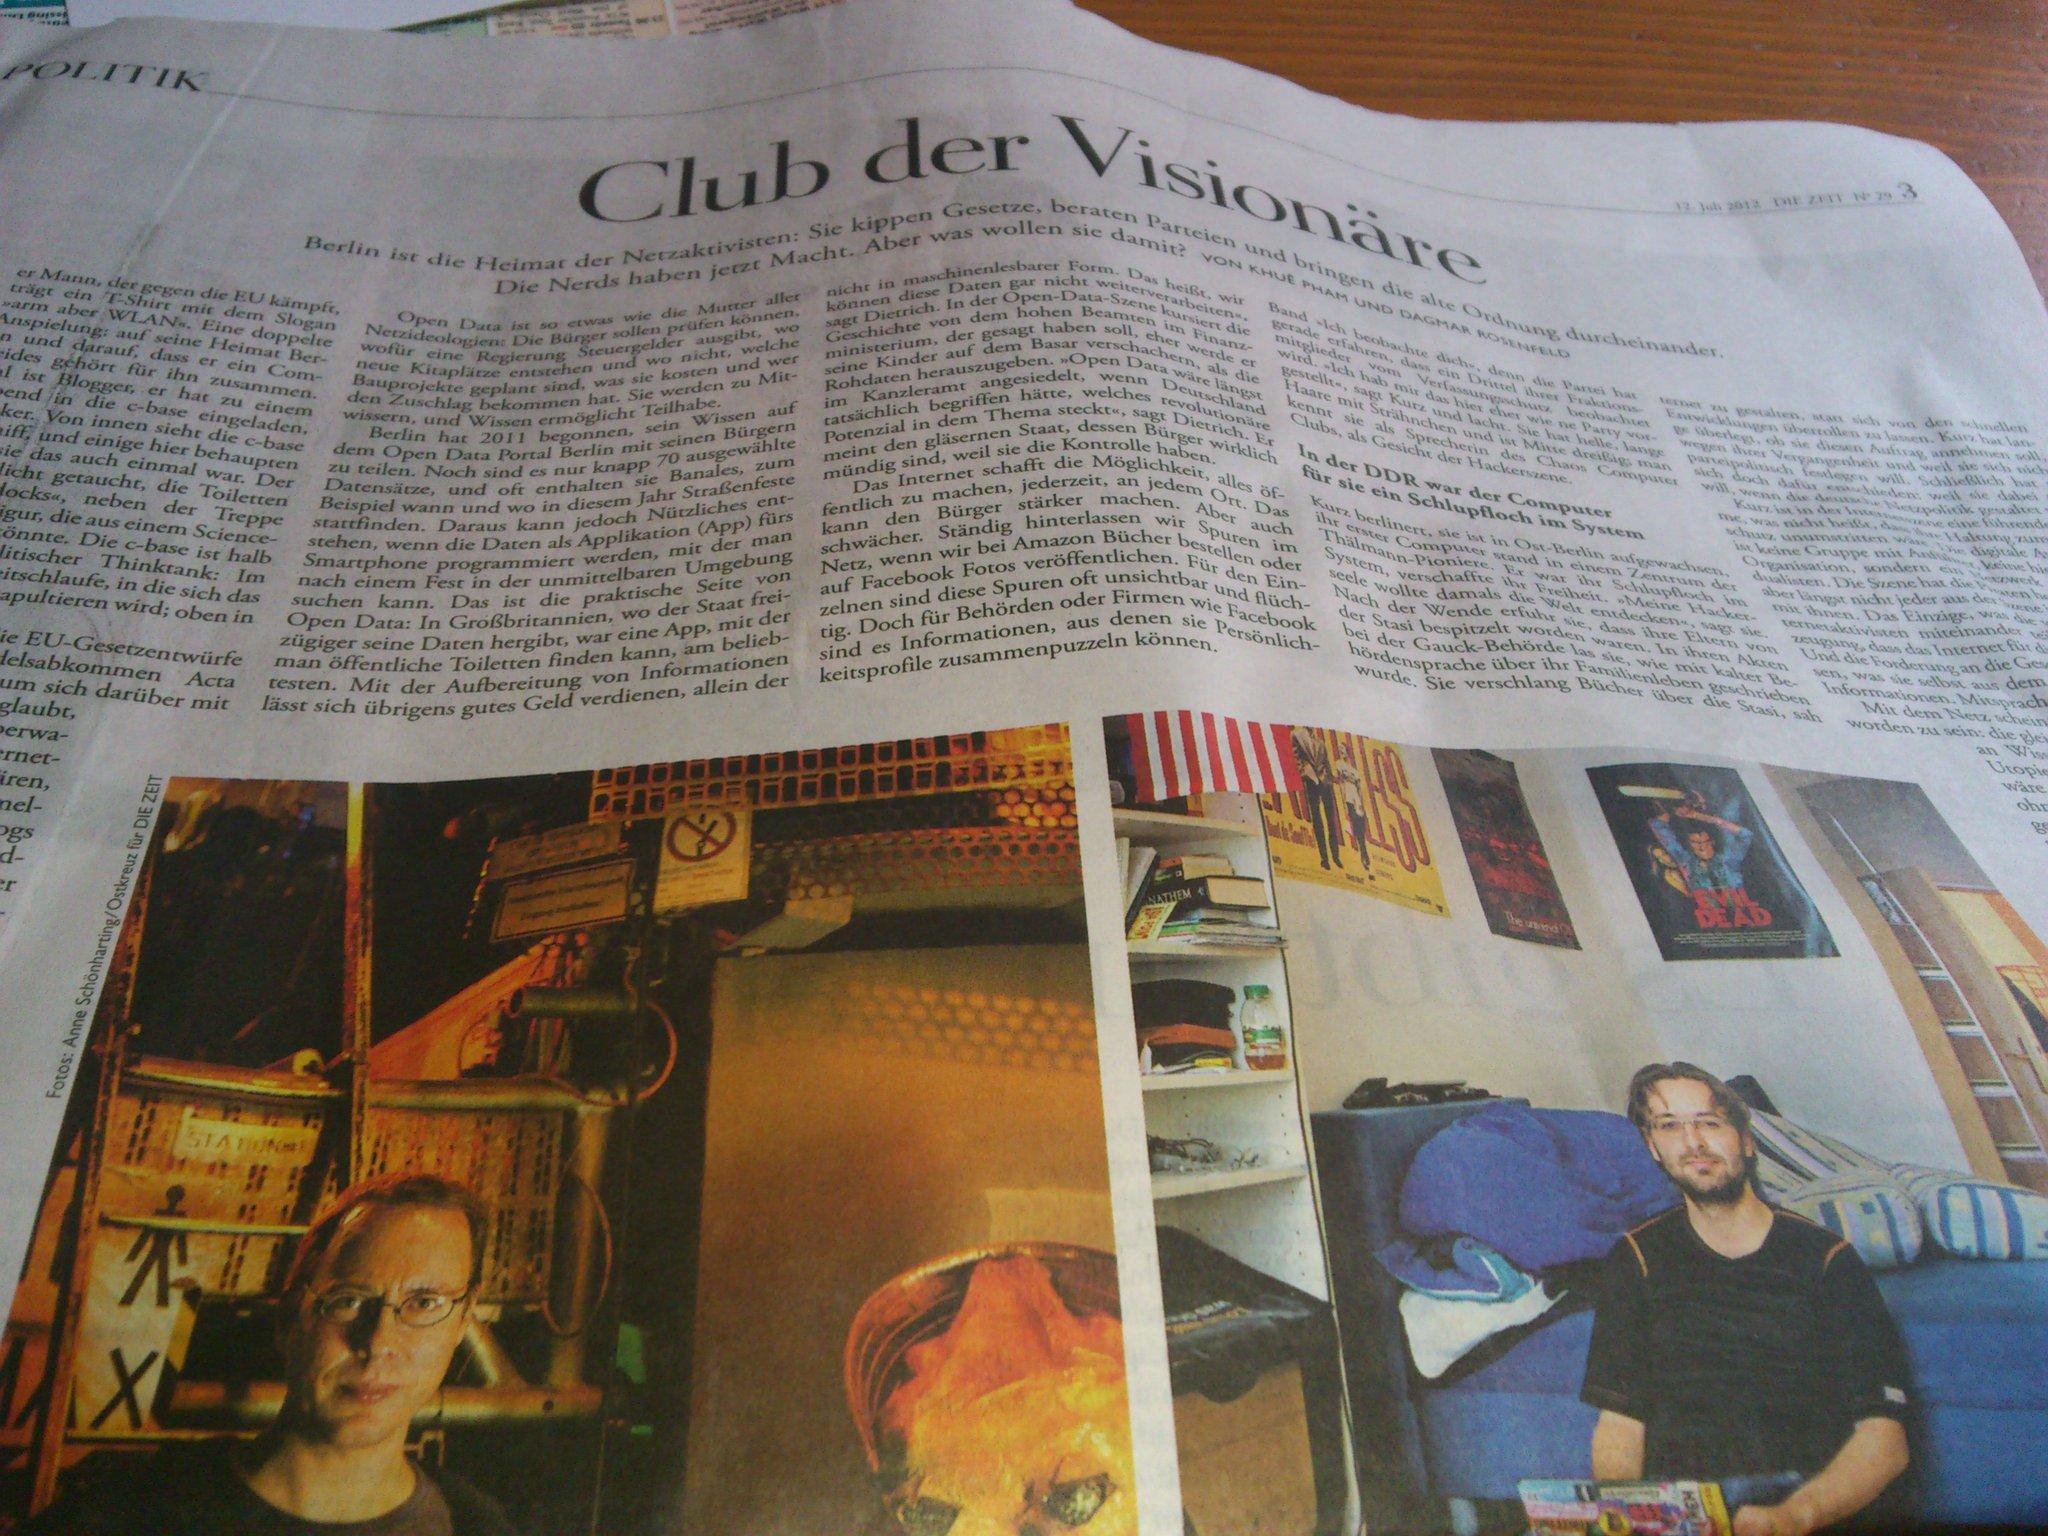 RT @gibro: 'Club der Visionäre' titelt die Zeit und widmet unter anderem @netzpolitik und @plomlompom die ganze Seite 3 http://t.co/HijoG5fa